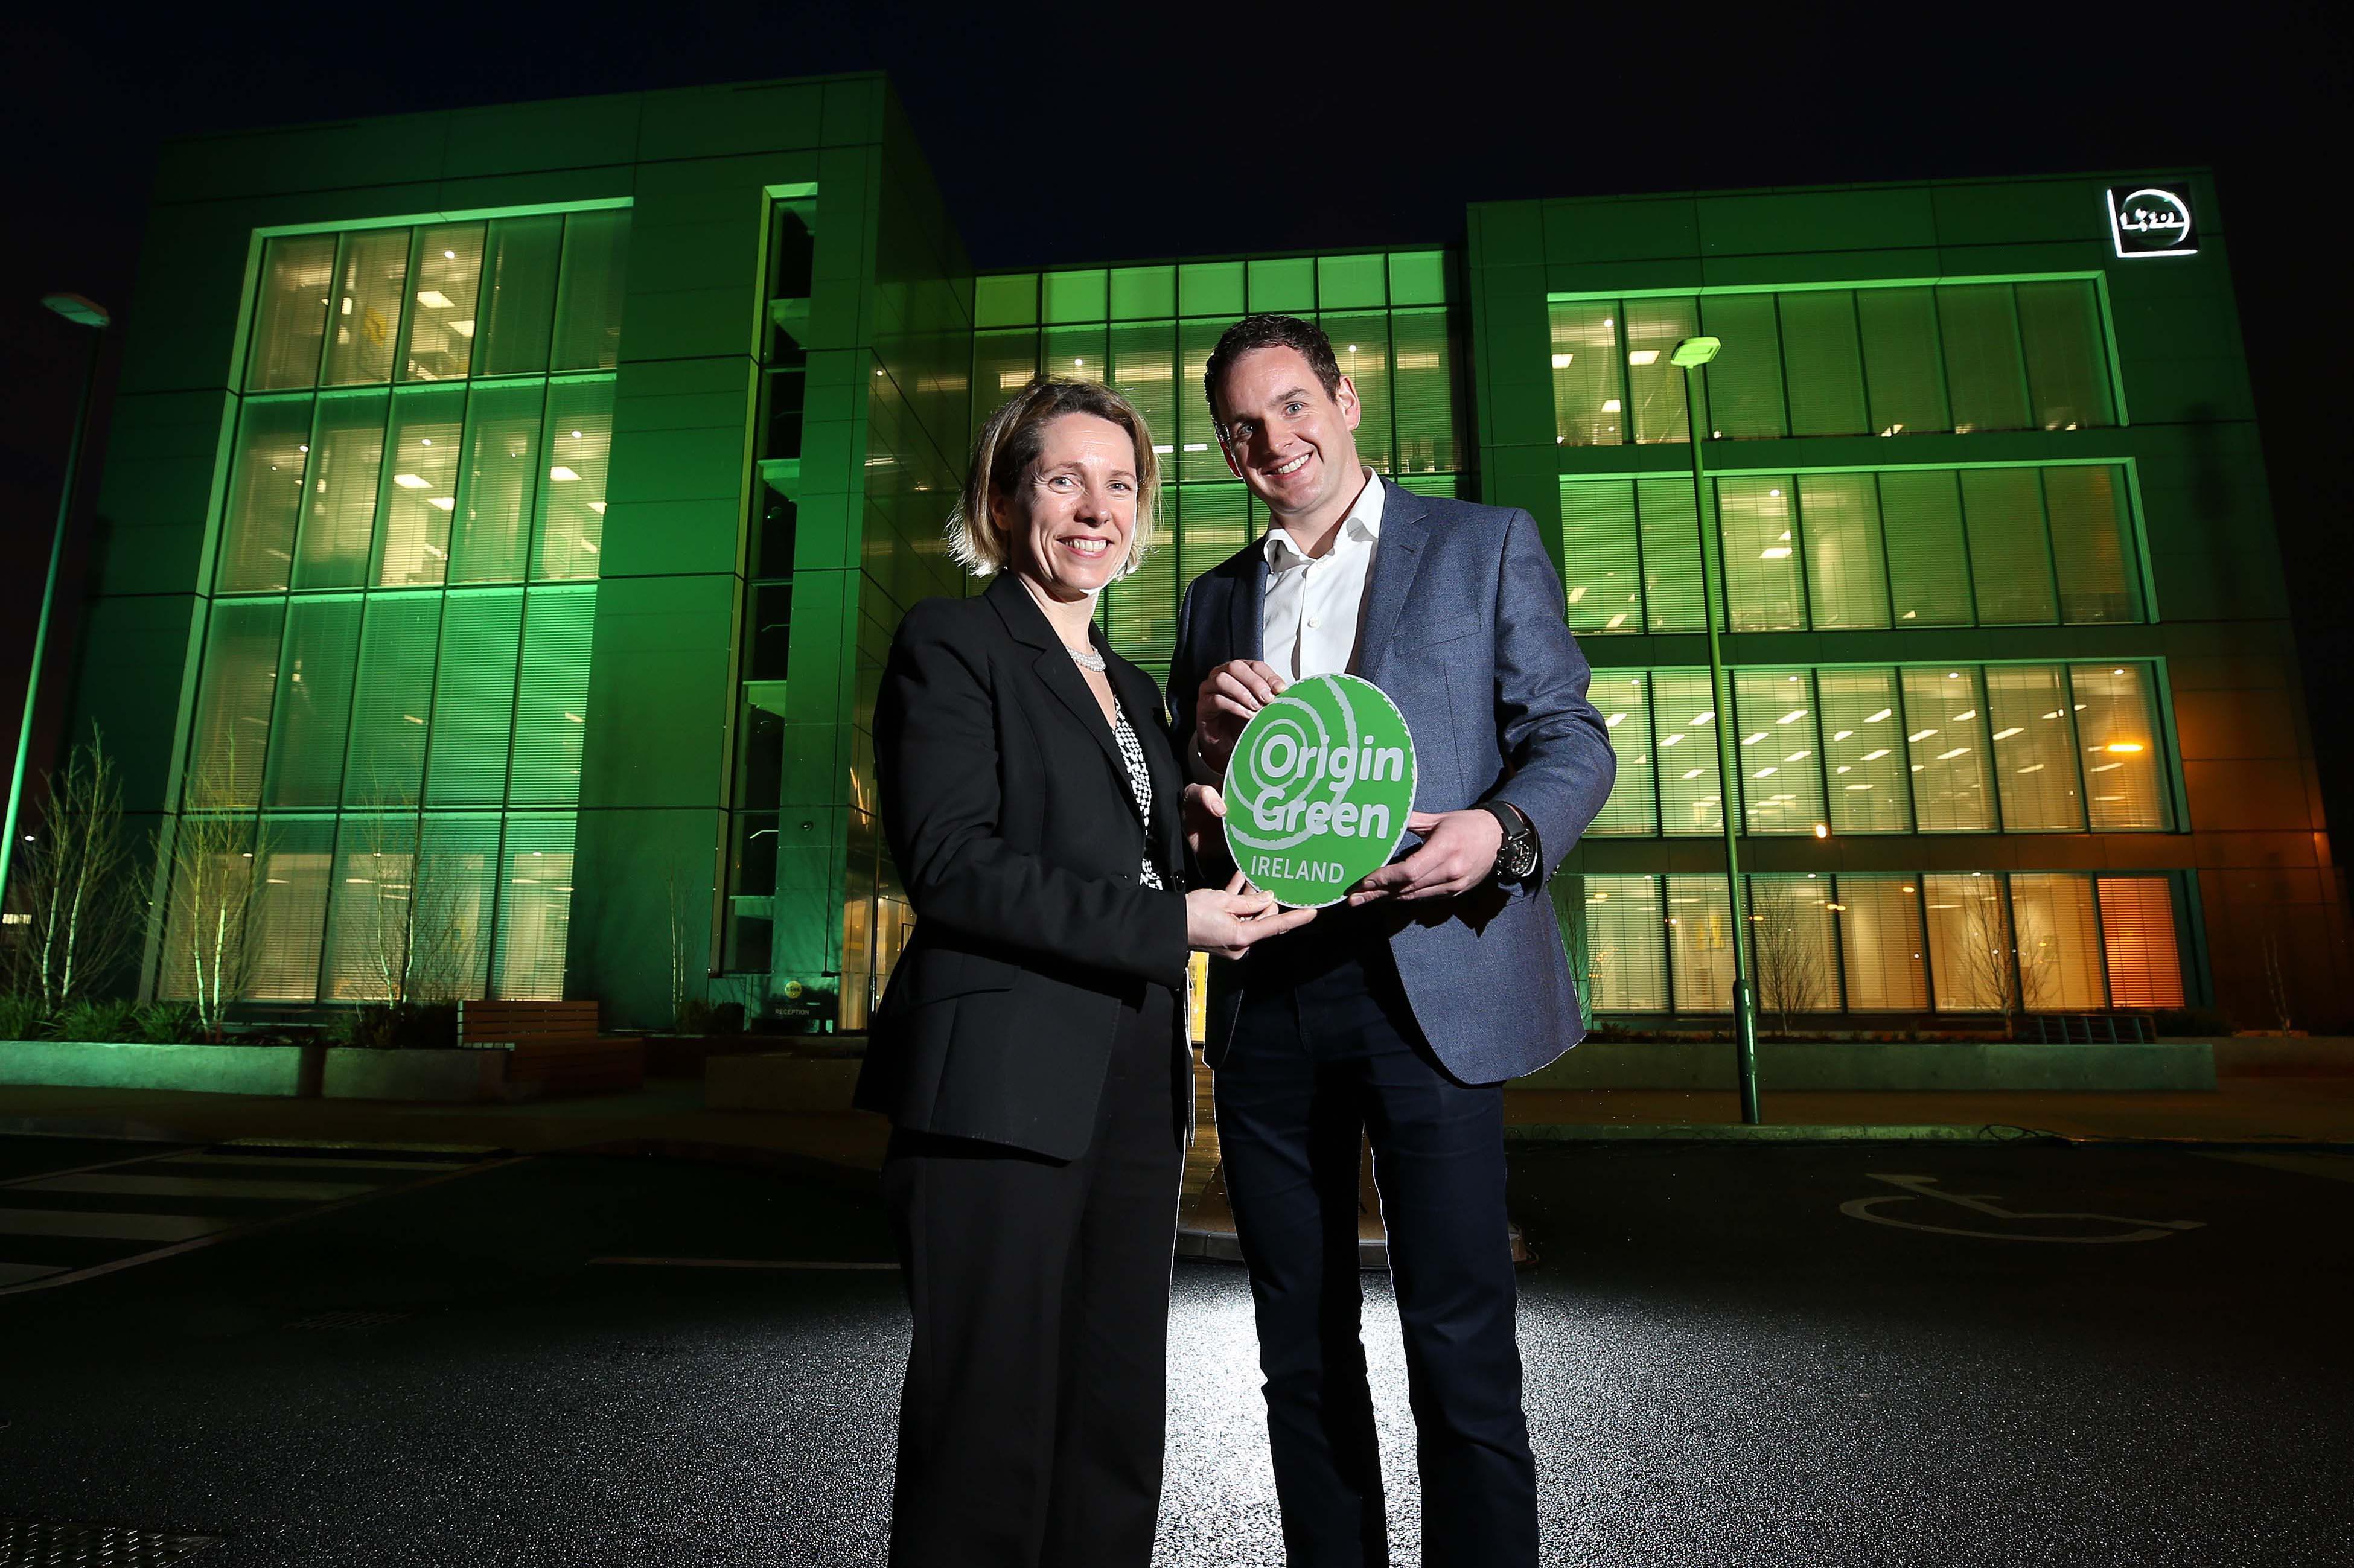 Lidl Ireland Joins Origin Green Lidl